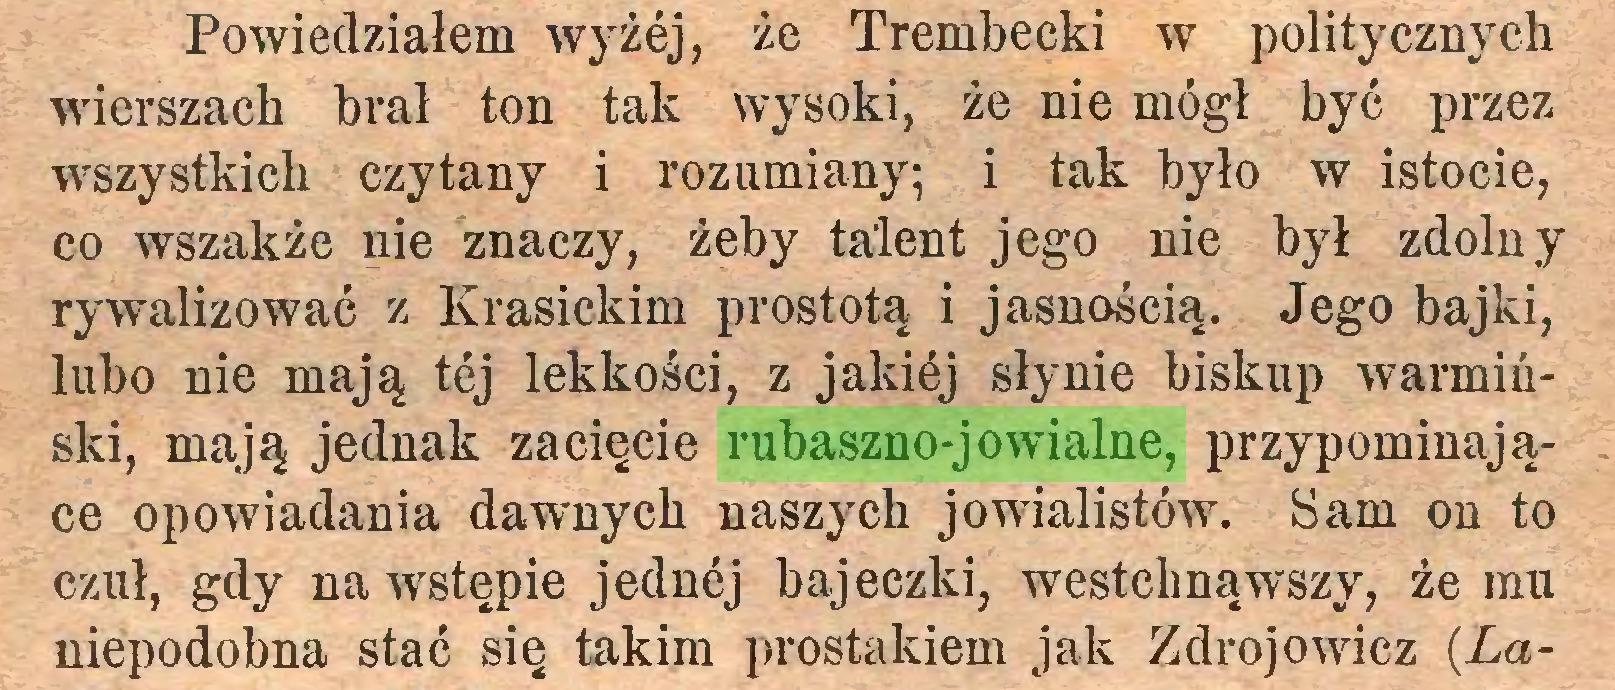 (...) Powiedziałem wyżej, że Trembecki w politycznych wierszach brał ton tak wysoki, że nie mógł być przez wszystkich czytany i rozumiany; i tak było w istocie, co wszakże nie znaczy, żeby talent jego nie był zdolny rywalizować z Krasickim prostotą i jasnością. Jego bajki, lubo nie mają tej lekkości, z jakiej słynie biskup warmiński, mają jednak zacięcie rubaszno-jowialne, przypominające opowiadania dawnych naszych jowialistów. Sam on to czuł, gdy na wstępie jednej bajeczki, westchnąwszy, że mu niepodobna stać się takim prostakiem jak Zdrojowicz (.La...